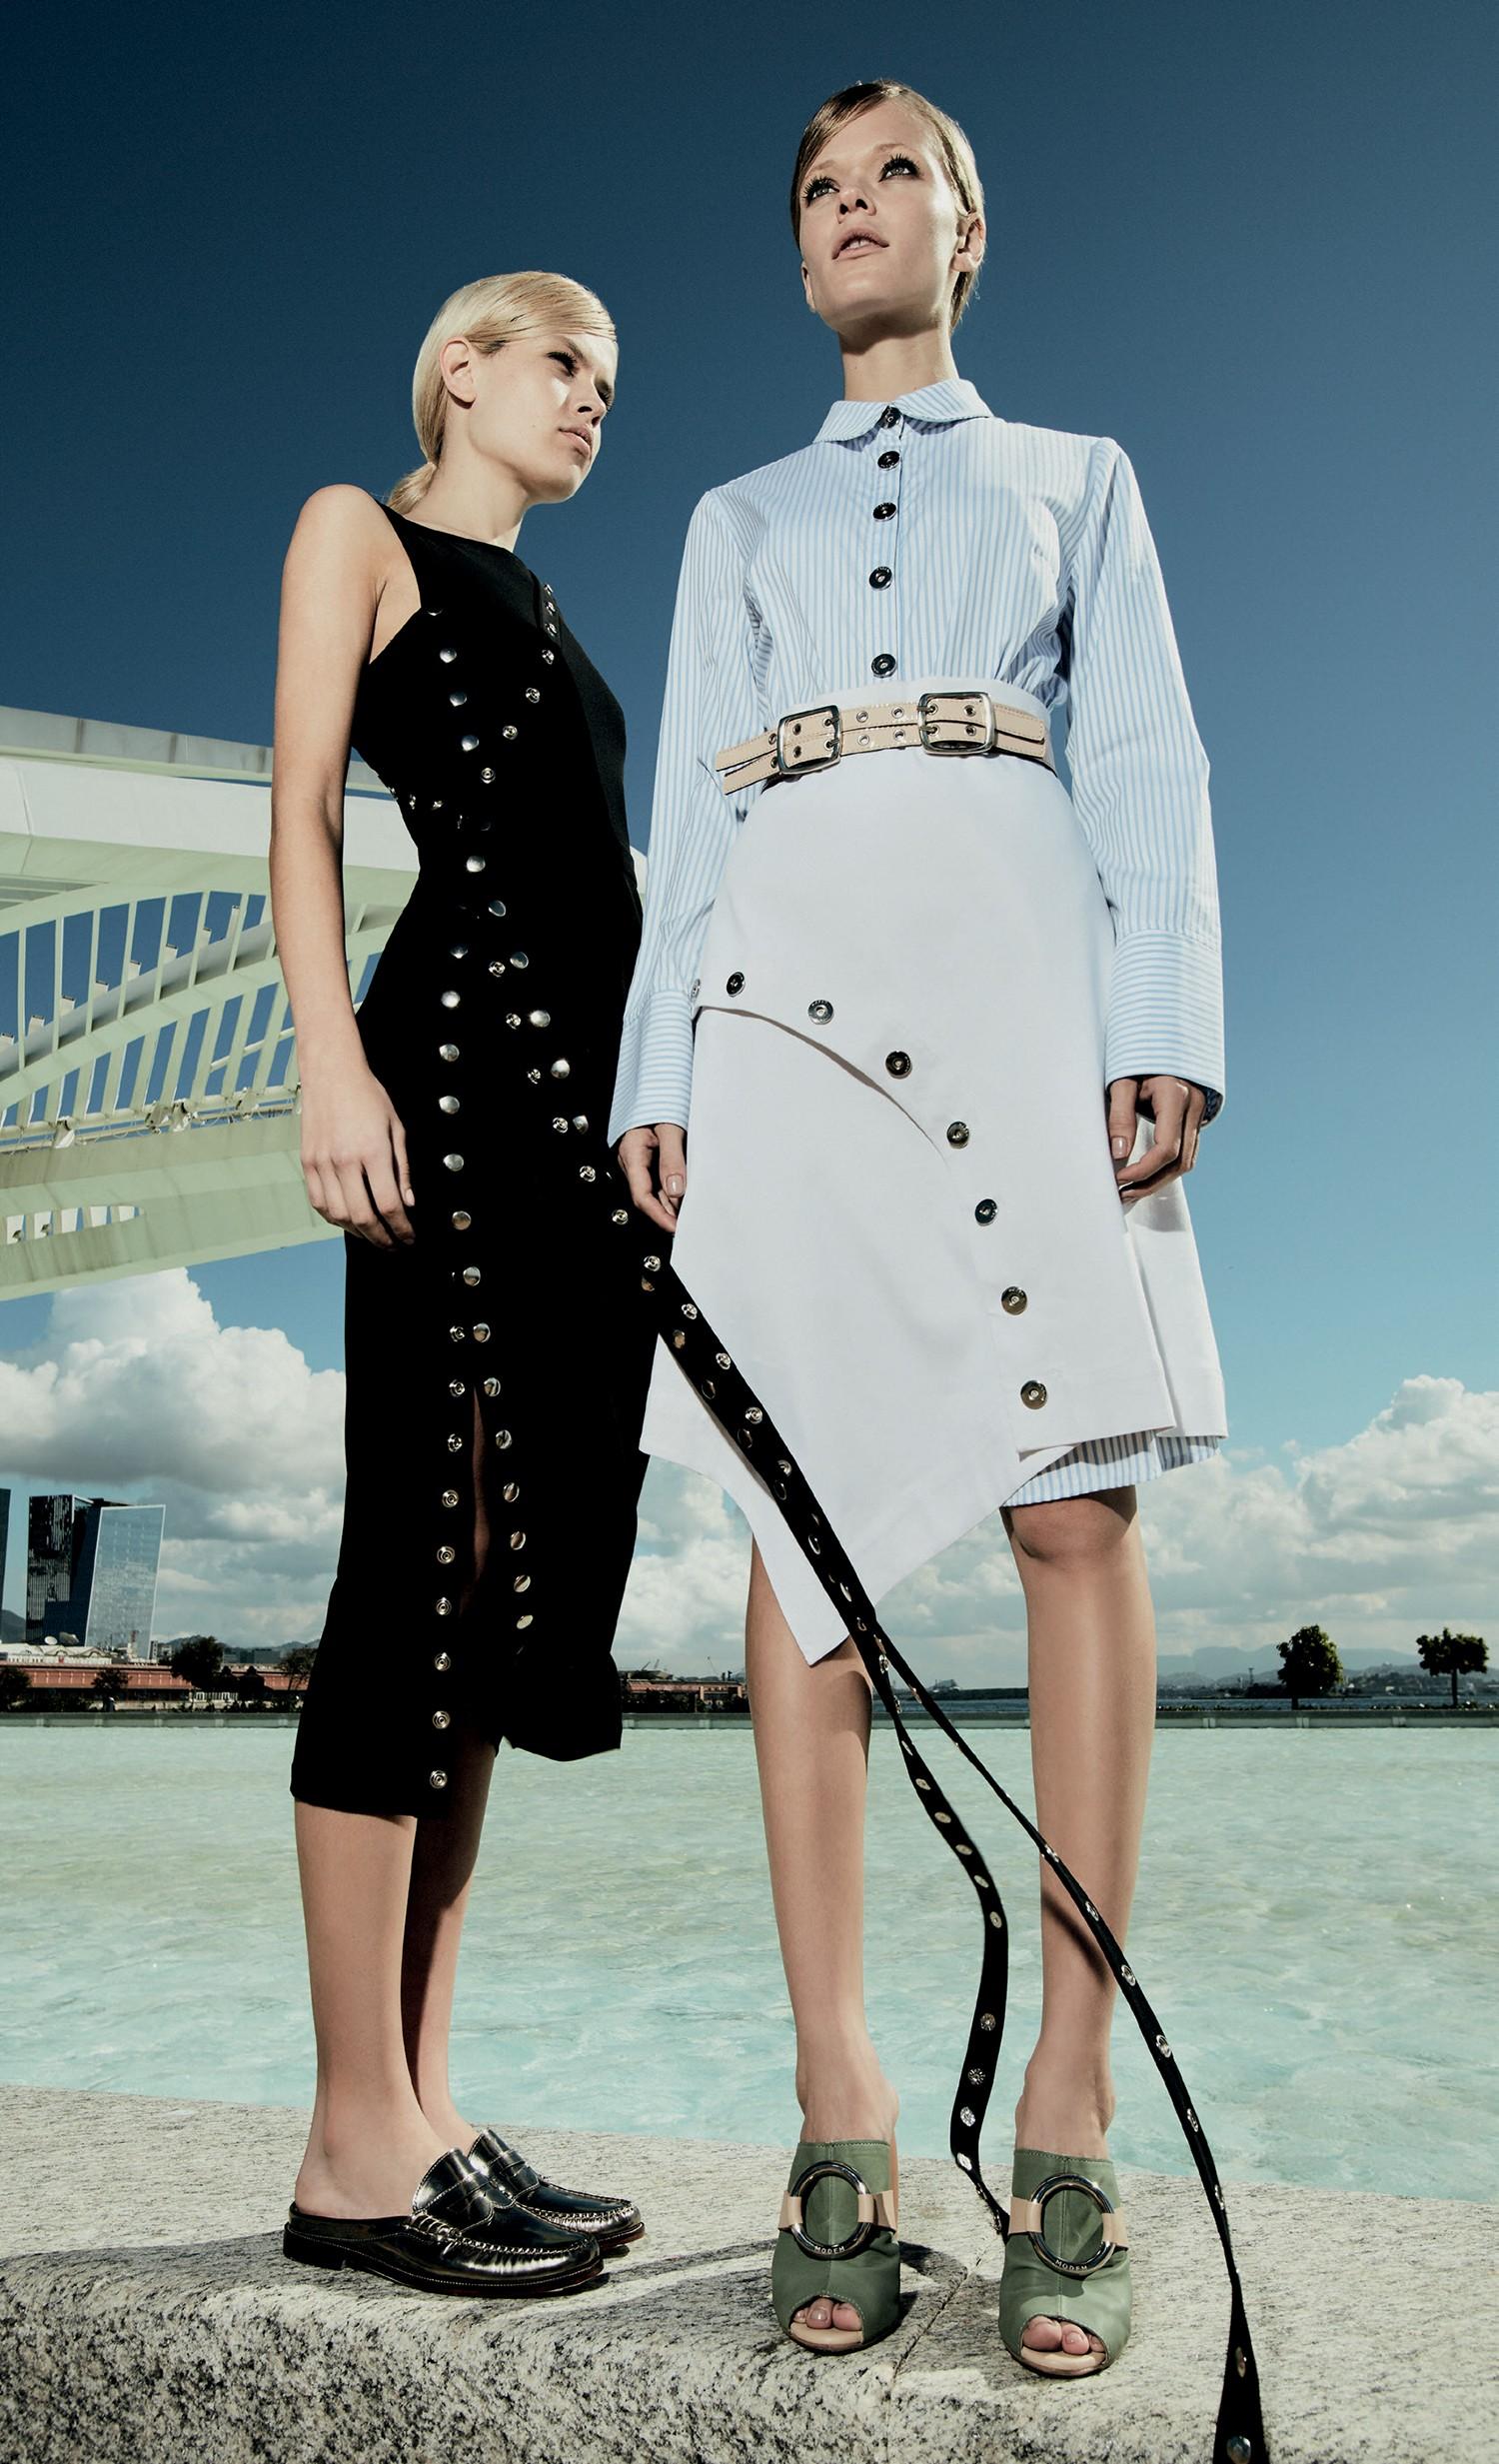 À esquerda, vestido Luisa Farani (R$ 980) e mules Tiza (R$ 540). À direita, camisa (R$ 920), saia (R$ 1.170), cinto (R$ 620) e mules, tudo Modem (Foto: Daniel Mattar)